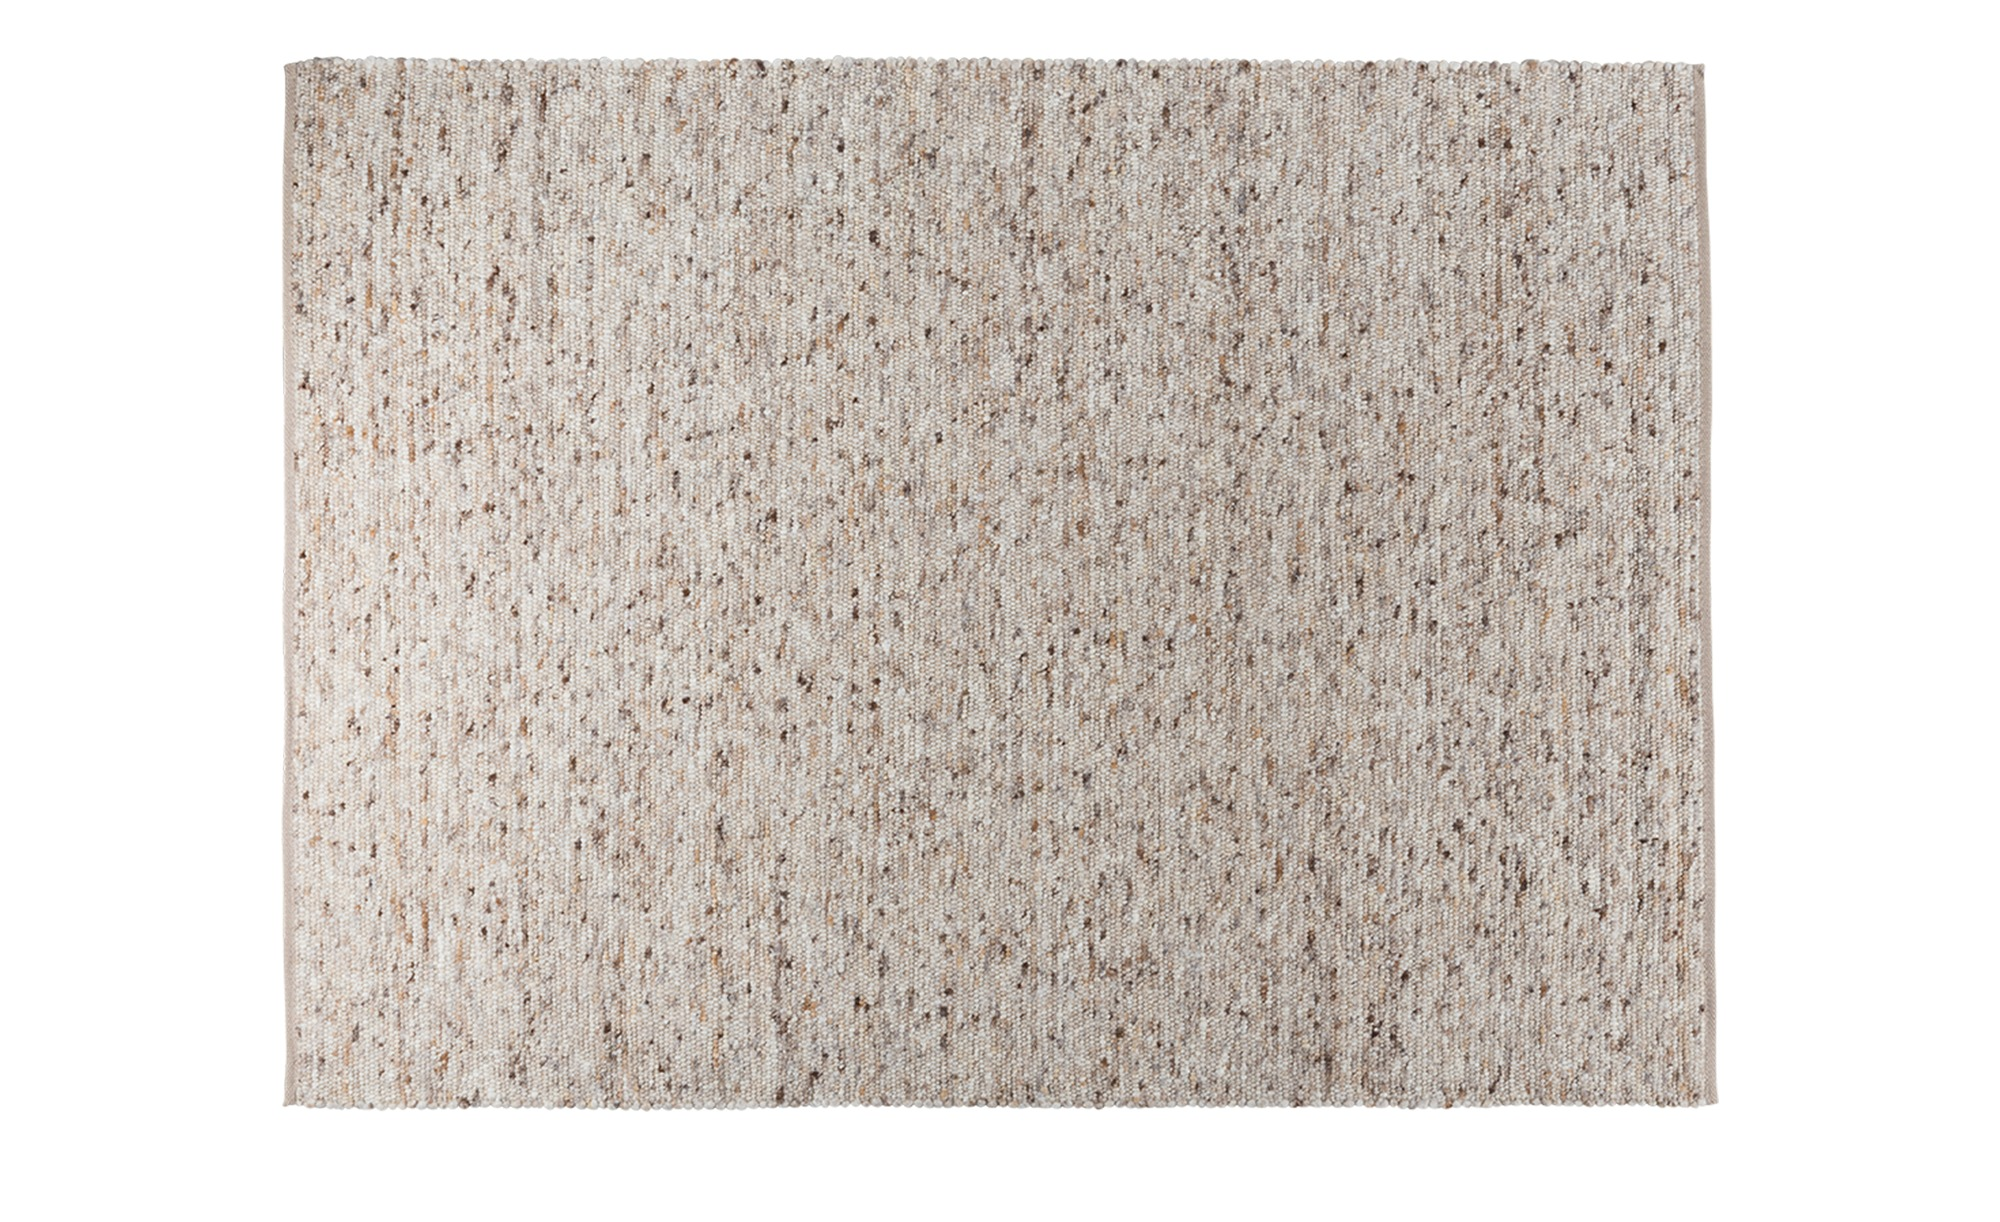 Handwebteppich  Bavaria ¦ beige ¦ 50 % Schurwolle, 50 % Jute, Nutzschicht 100 % Schurwolle ¦ Maße (cm): B: 60 Teppiche > Wohnteppiche - Höffner